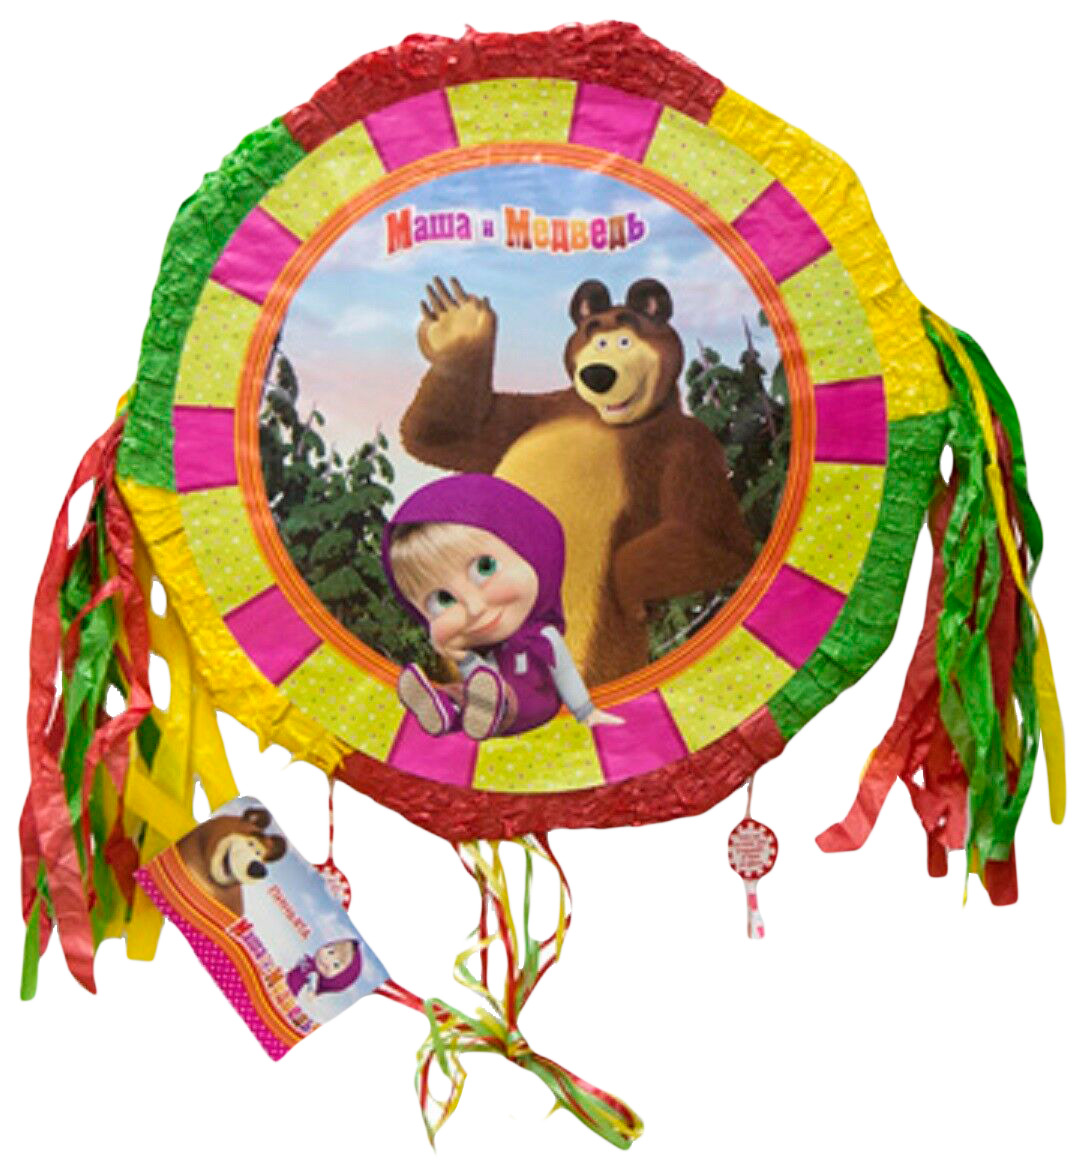 Игровой набор Веселая затея Маша и Медведь 1507-1151 1 предметов